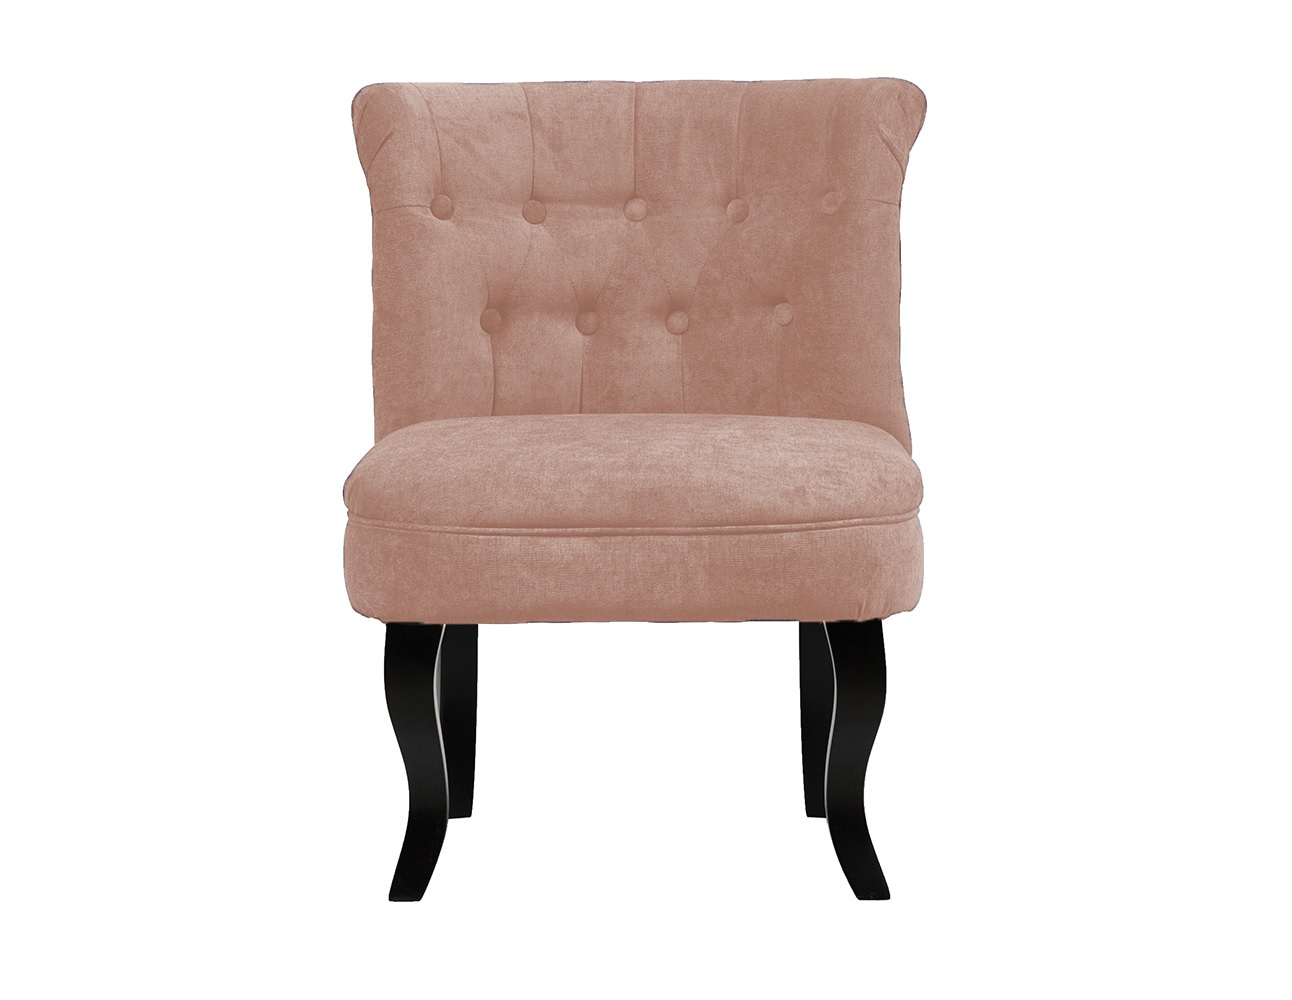 Кресло DawsonПолукресла<br>Кресло Dawson — неимоверно комфортное, удобное и красивое — выглядит так, словно вам его только что доставили из роскошного дома аристократической Франции. Богатая обивка, благородная форма деревянного каркаса самого предмета мебели, изящные ножки, нежный цвет — все говорит о его изысканности и шарме. Такое кресло непременно украсит ваш дом, добавив не только очарование и лоск, но и уют и тепло.<br><br>Material: Велюр<br>Ширина см: 73<br>Высота см: 56<br>Глубина см: 63